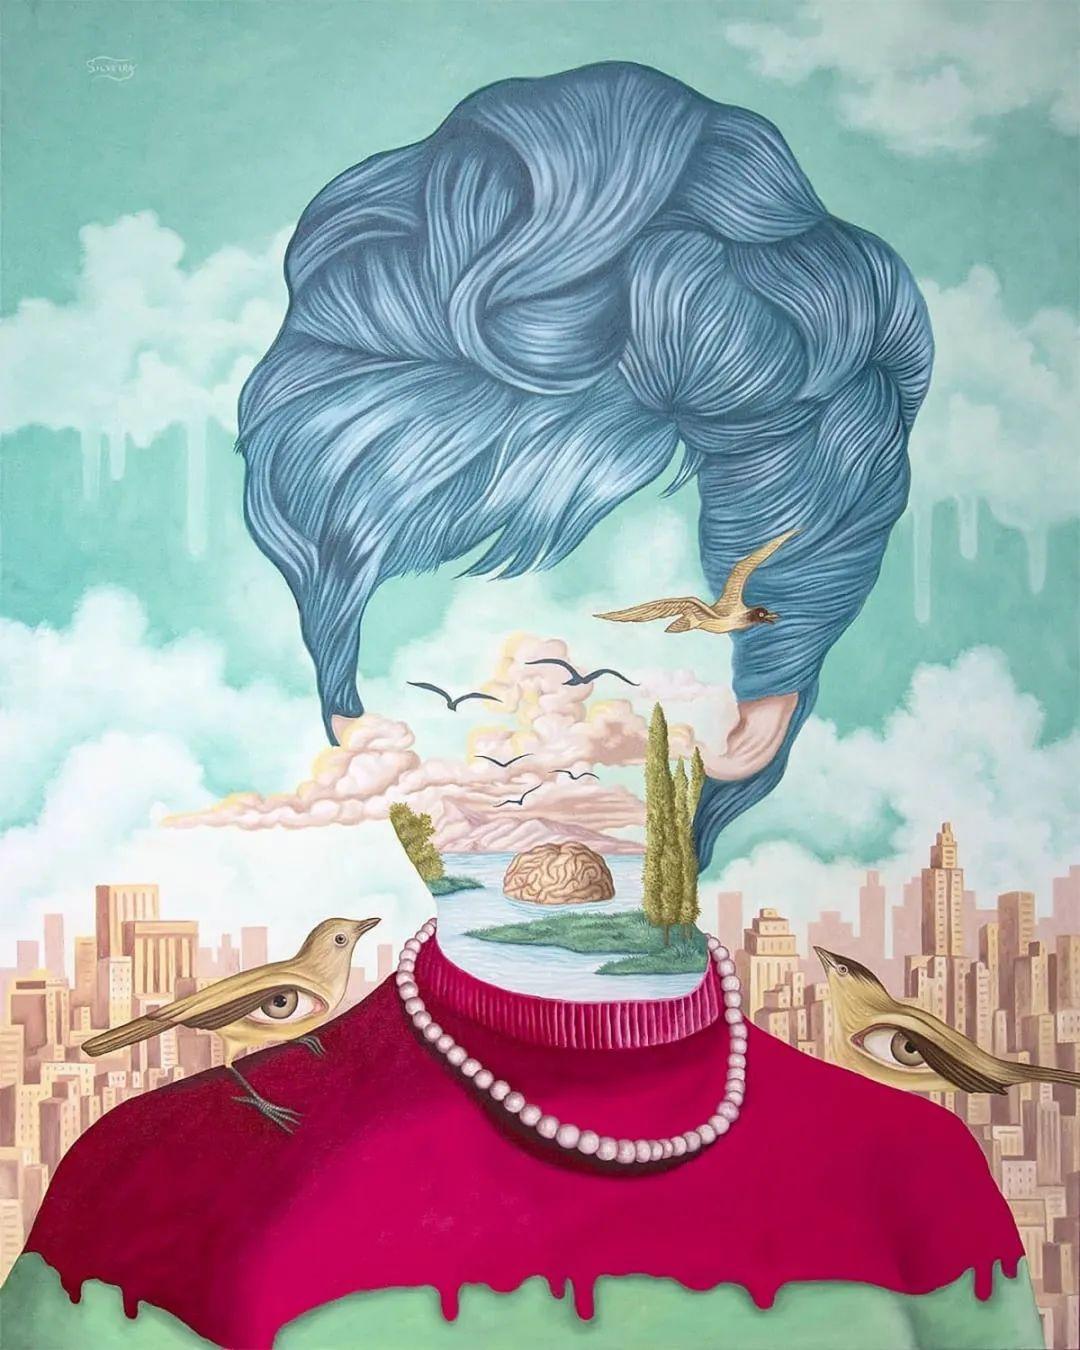 超凡的想象力,Rafael Silveira超现实主义肖像插画插图35